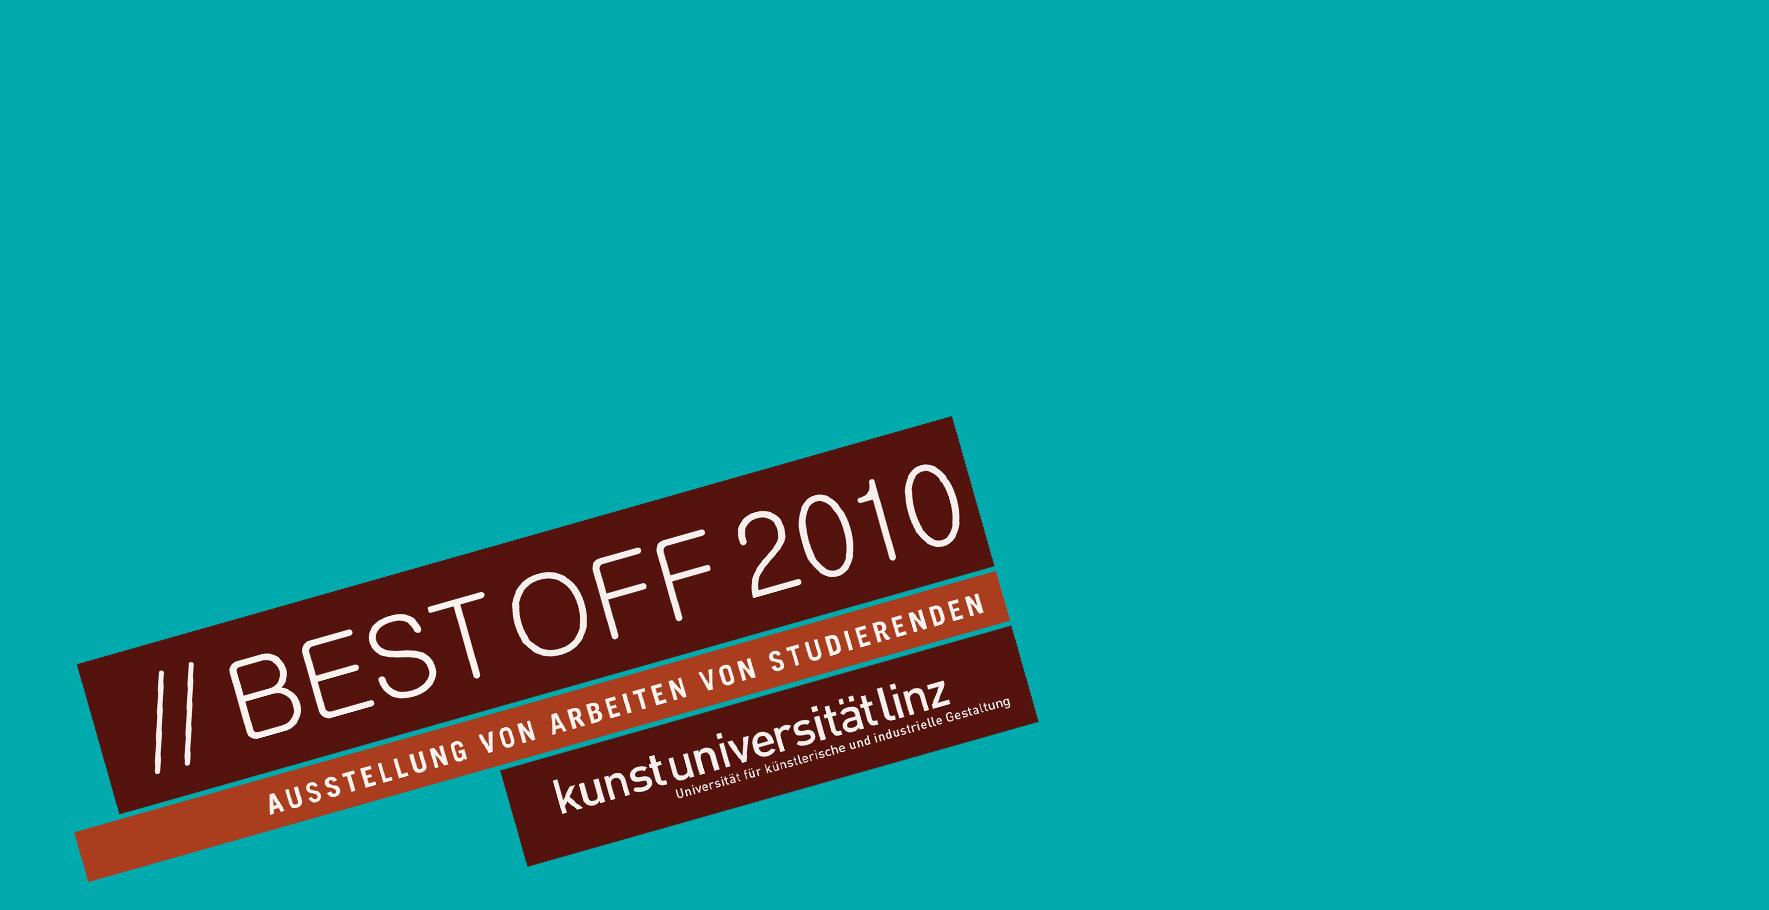 BEST OFF 2010 - Einladung